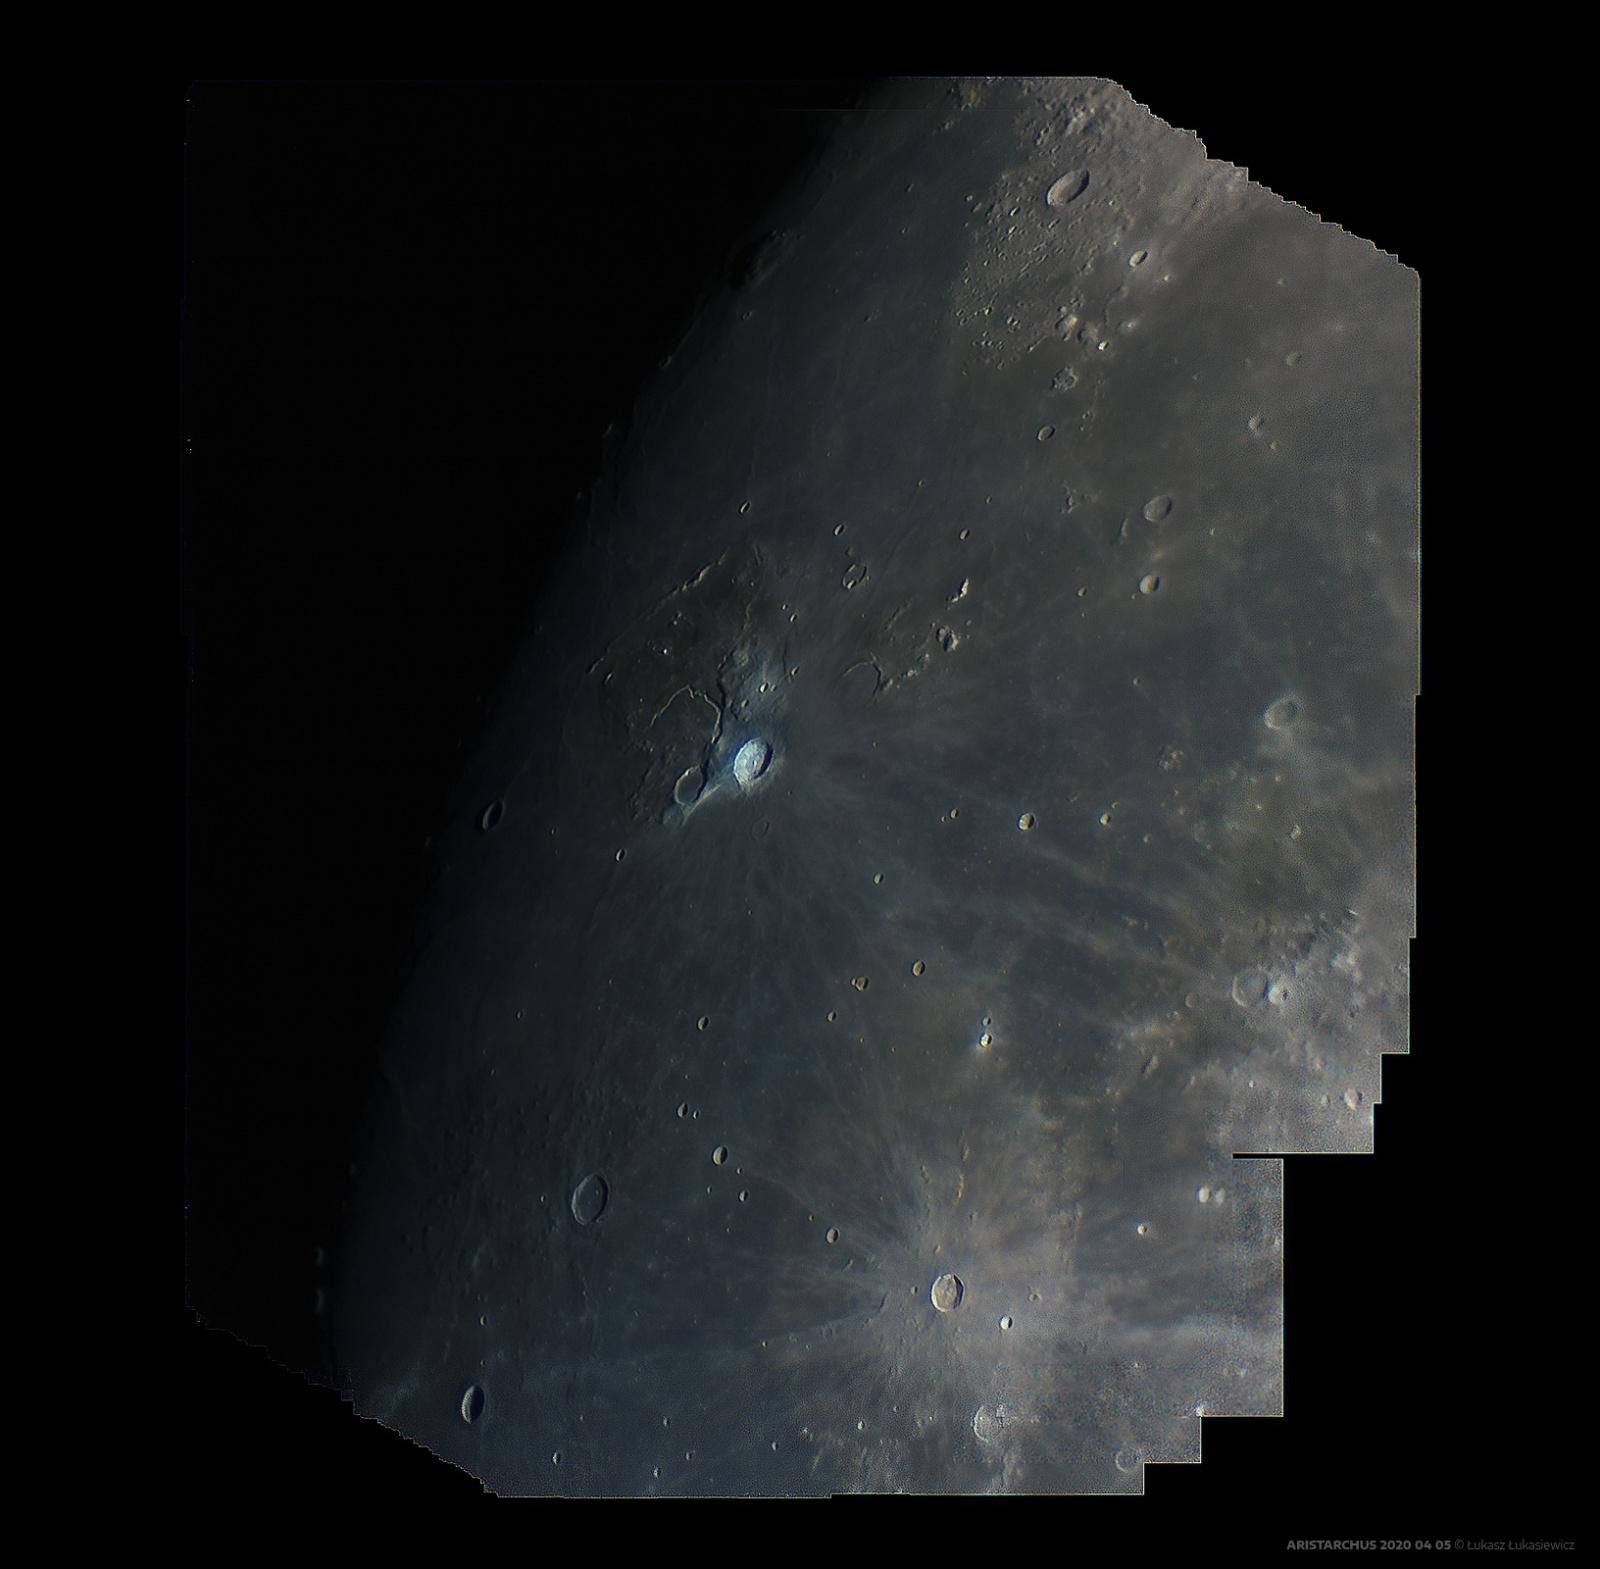 ARISTARCHUS-2020-04-05.thumb.jpg.b1dc14a5120035f7c84c1a5352b44ad2.jpg